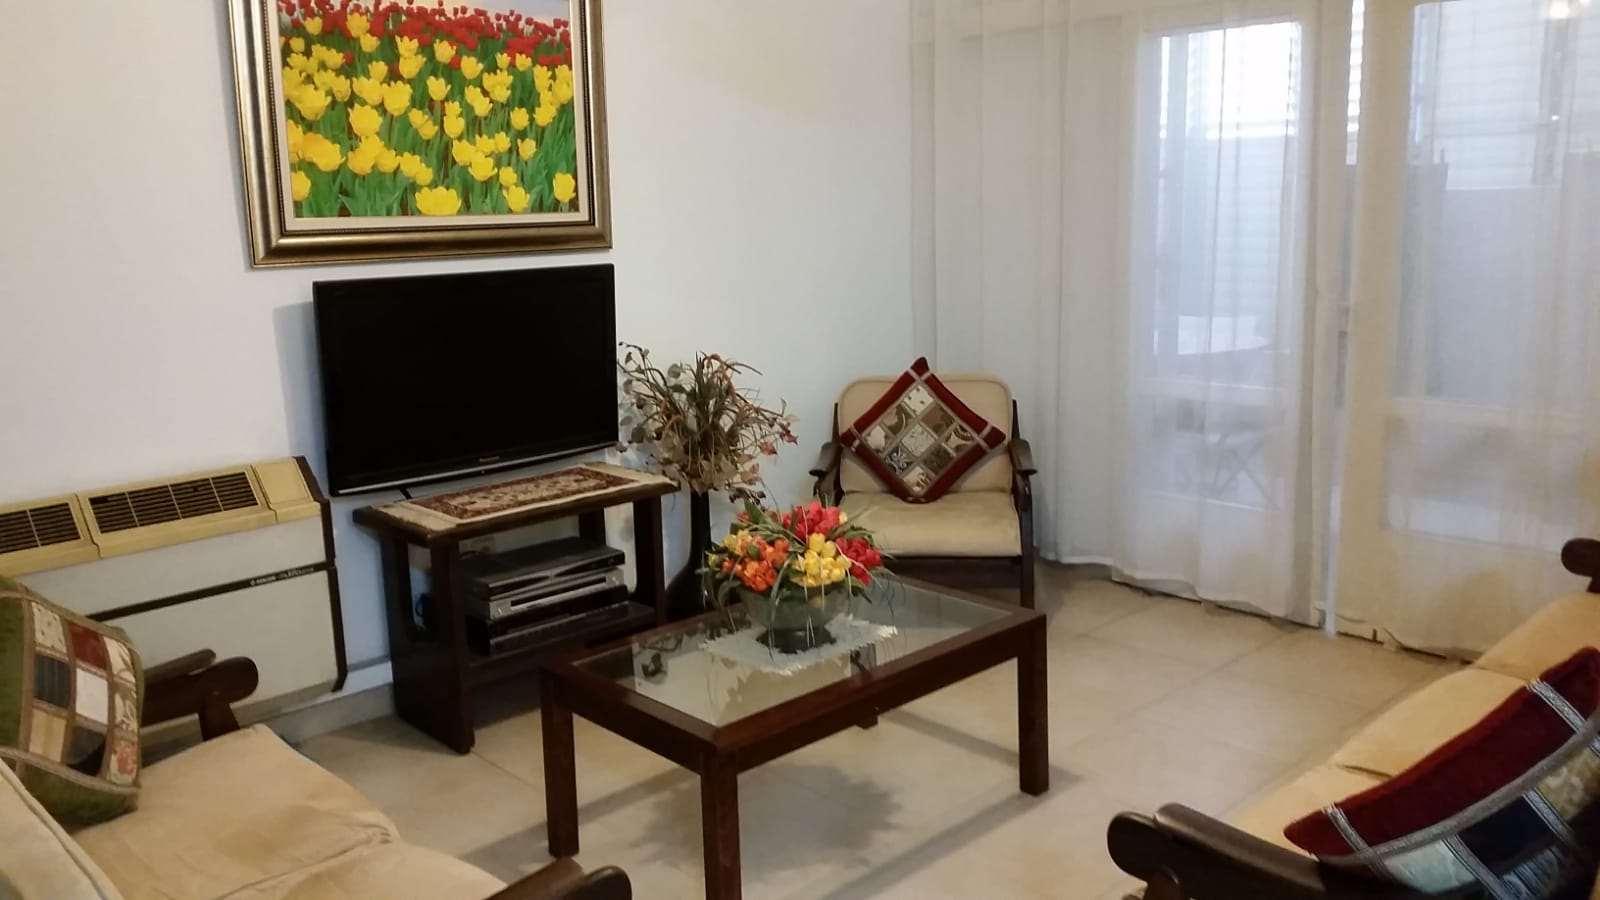 דירה למכירה 2.5 חדרים ברמת גן הגפן ז'בוטינסקי